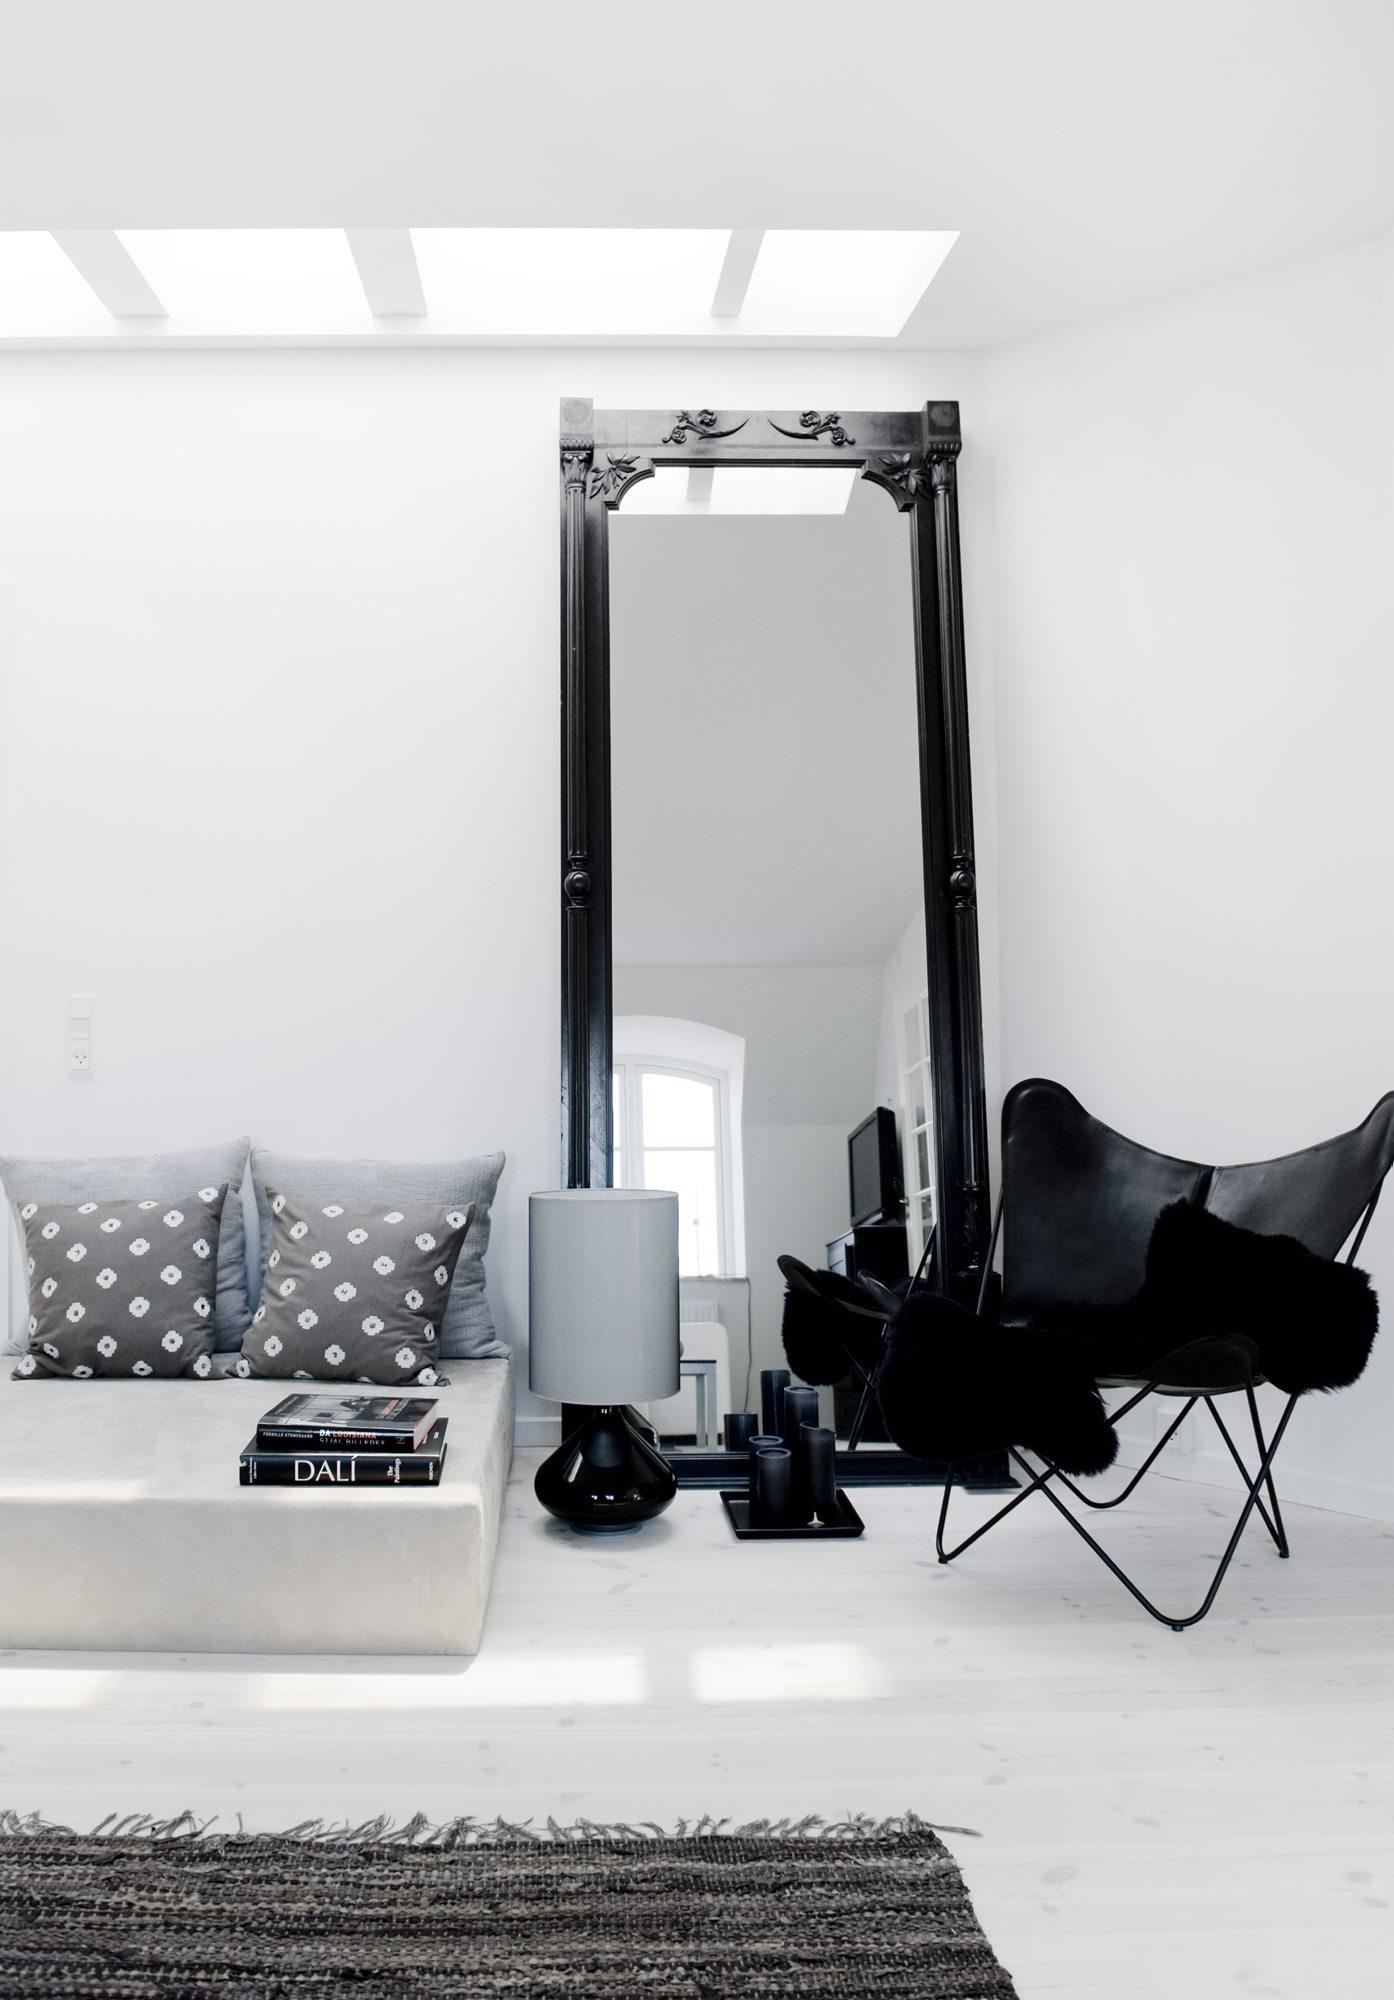 Lys bolig Juks boligen større med speil House of Pictures